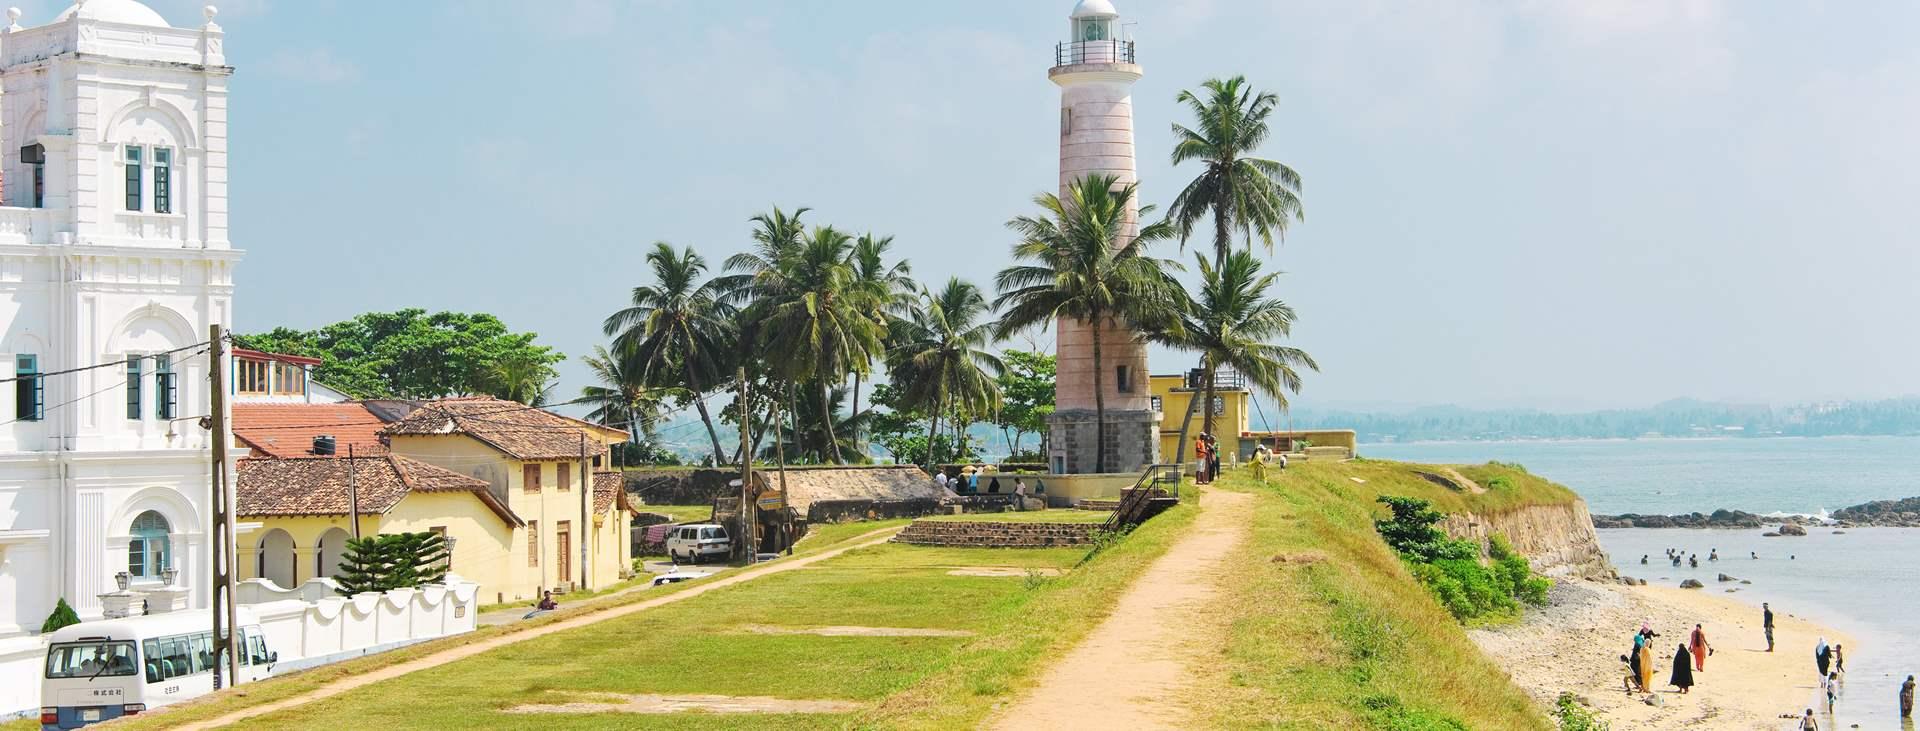 Bestill en reise med Ving til Galle på Sri Lanka